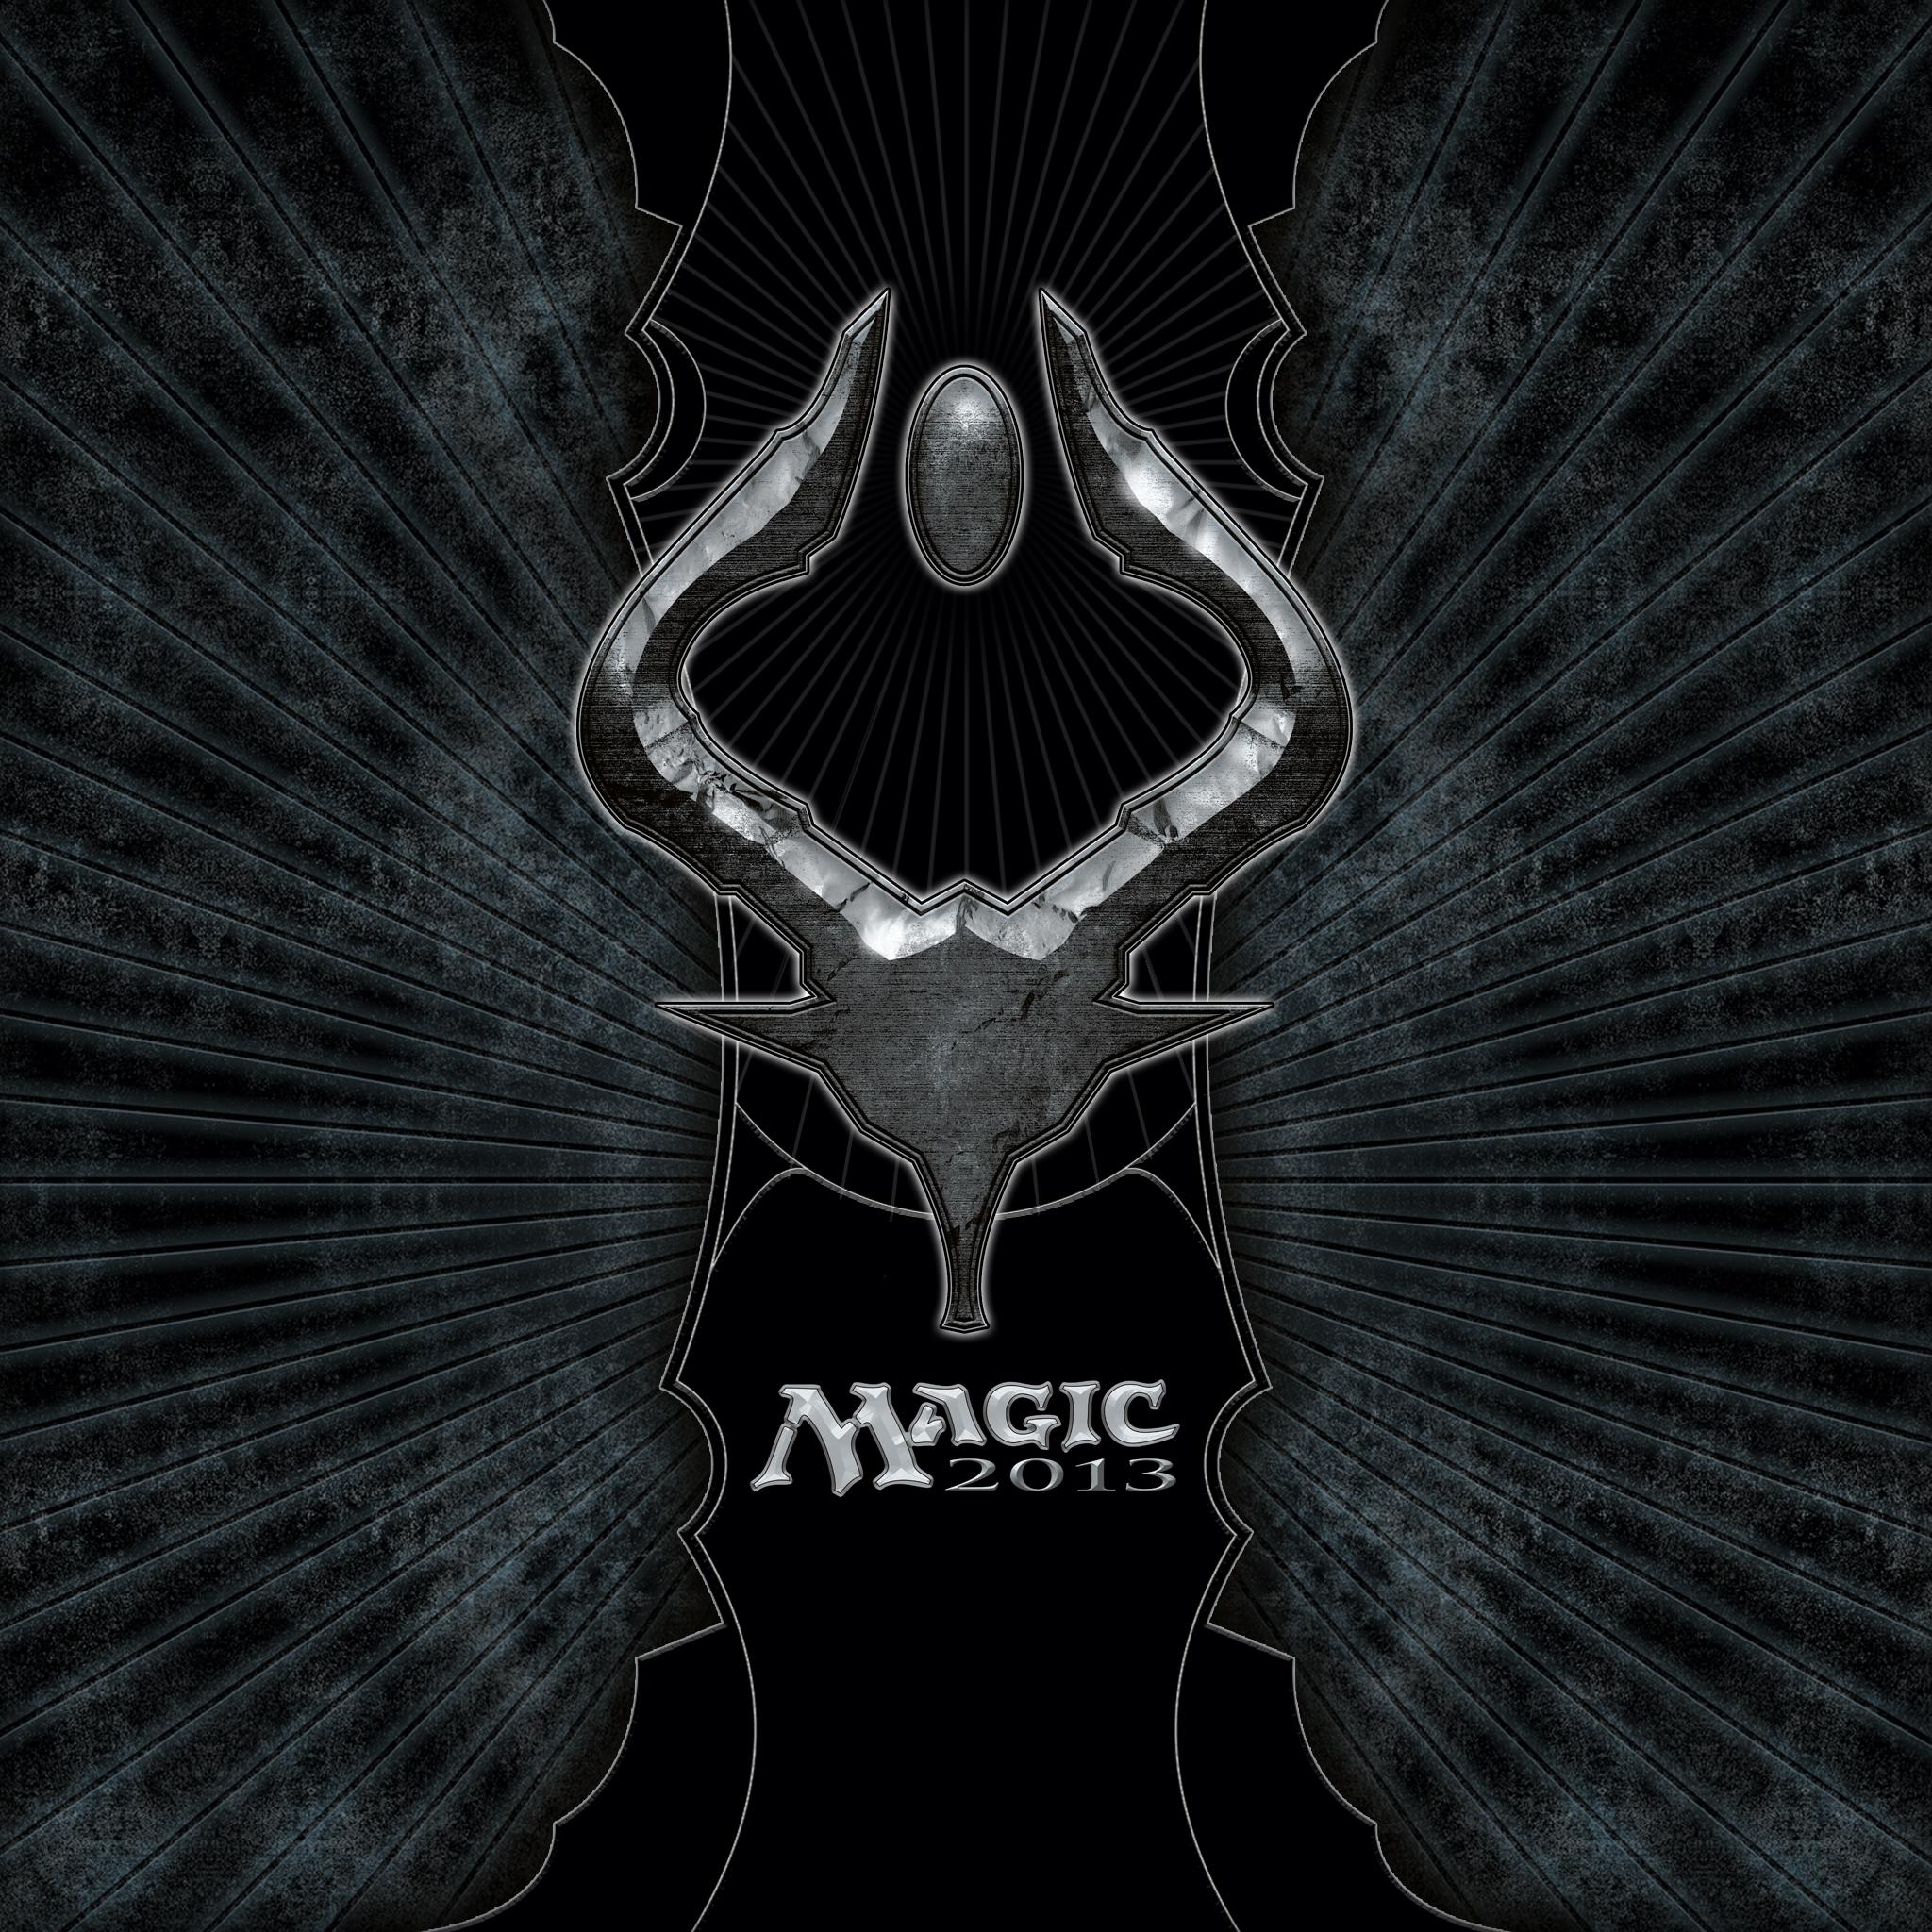 Magic Wallpaper: MTG Realm: Magic 2013 Wallpaper